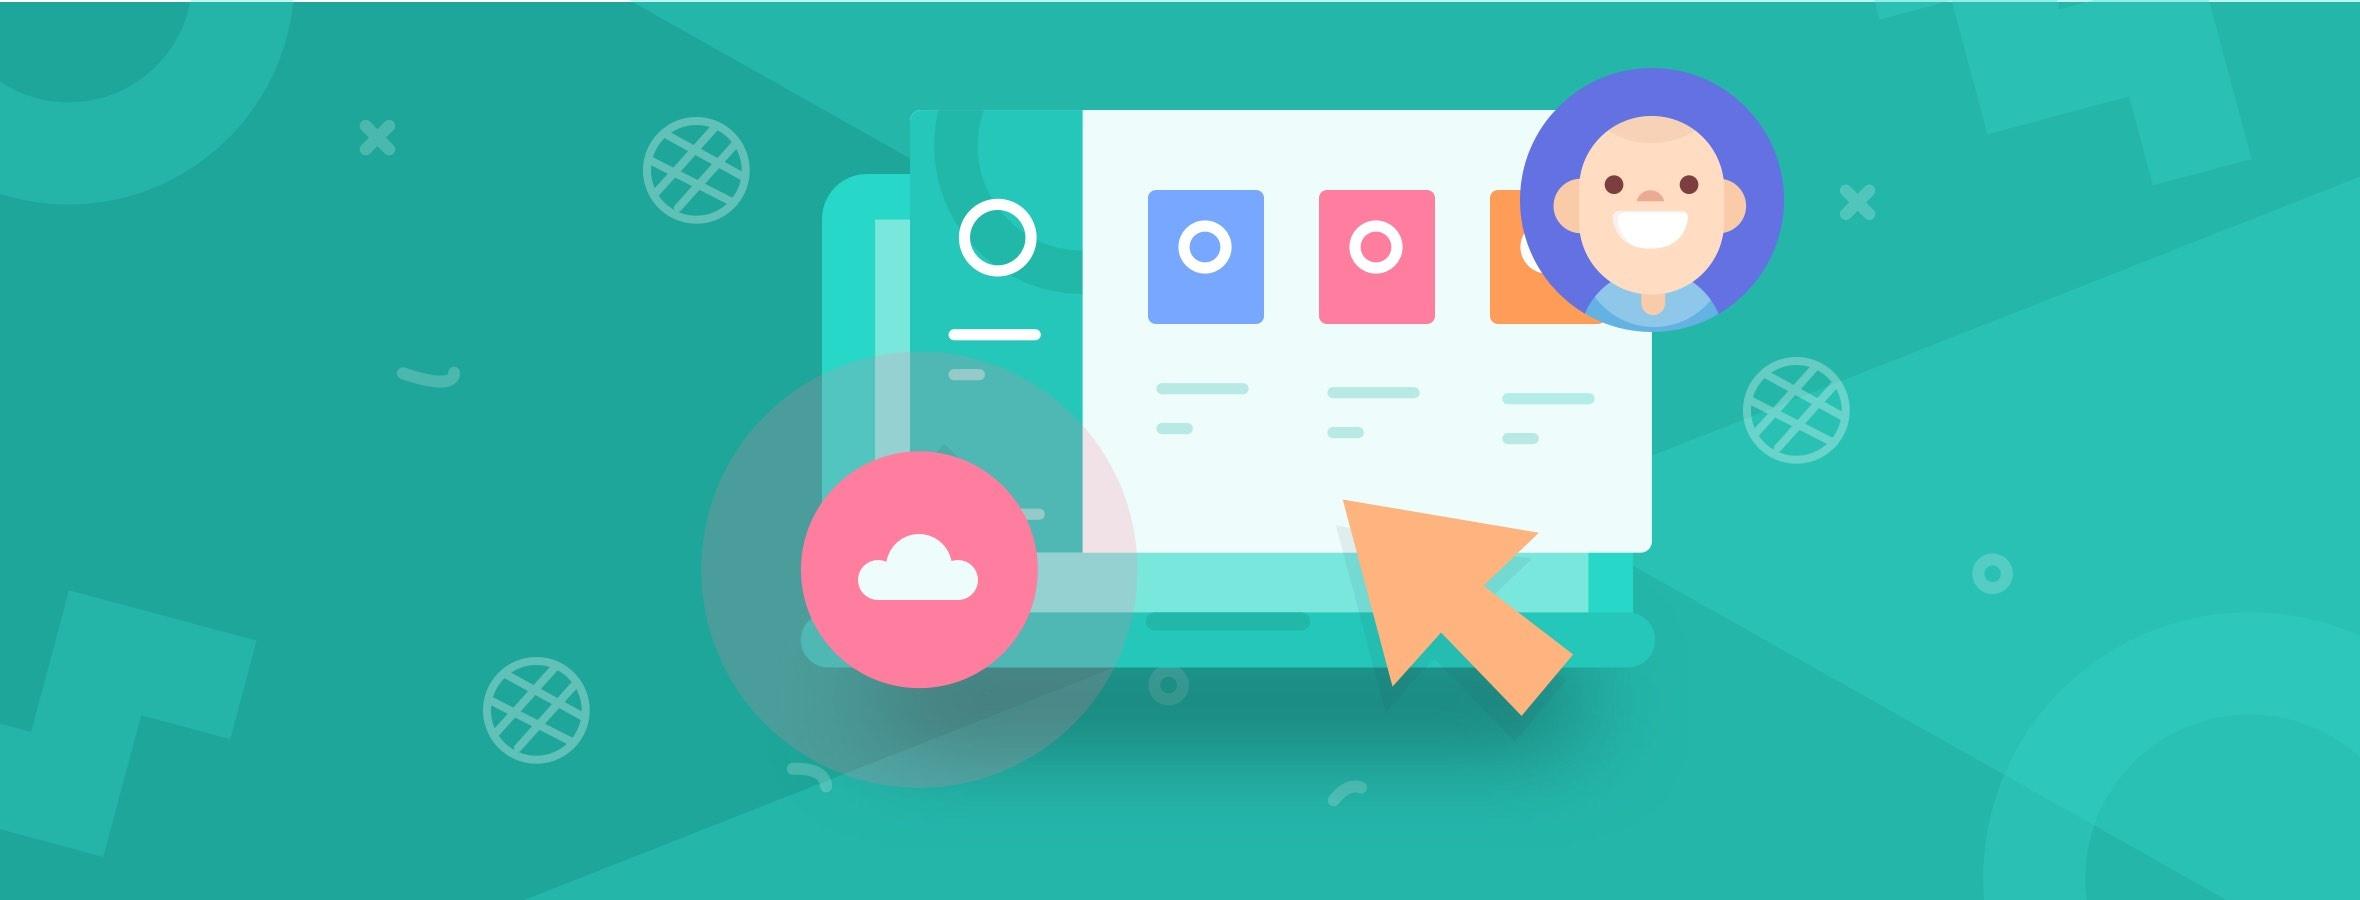 how to start an online tech support business